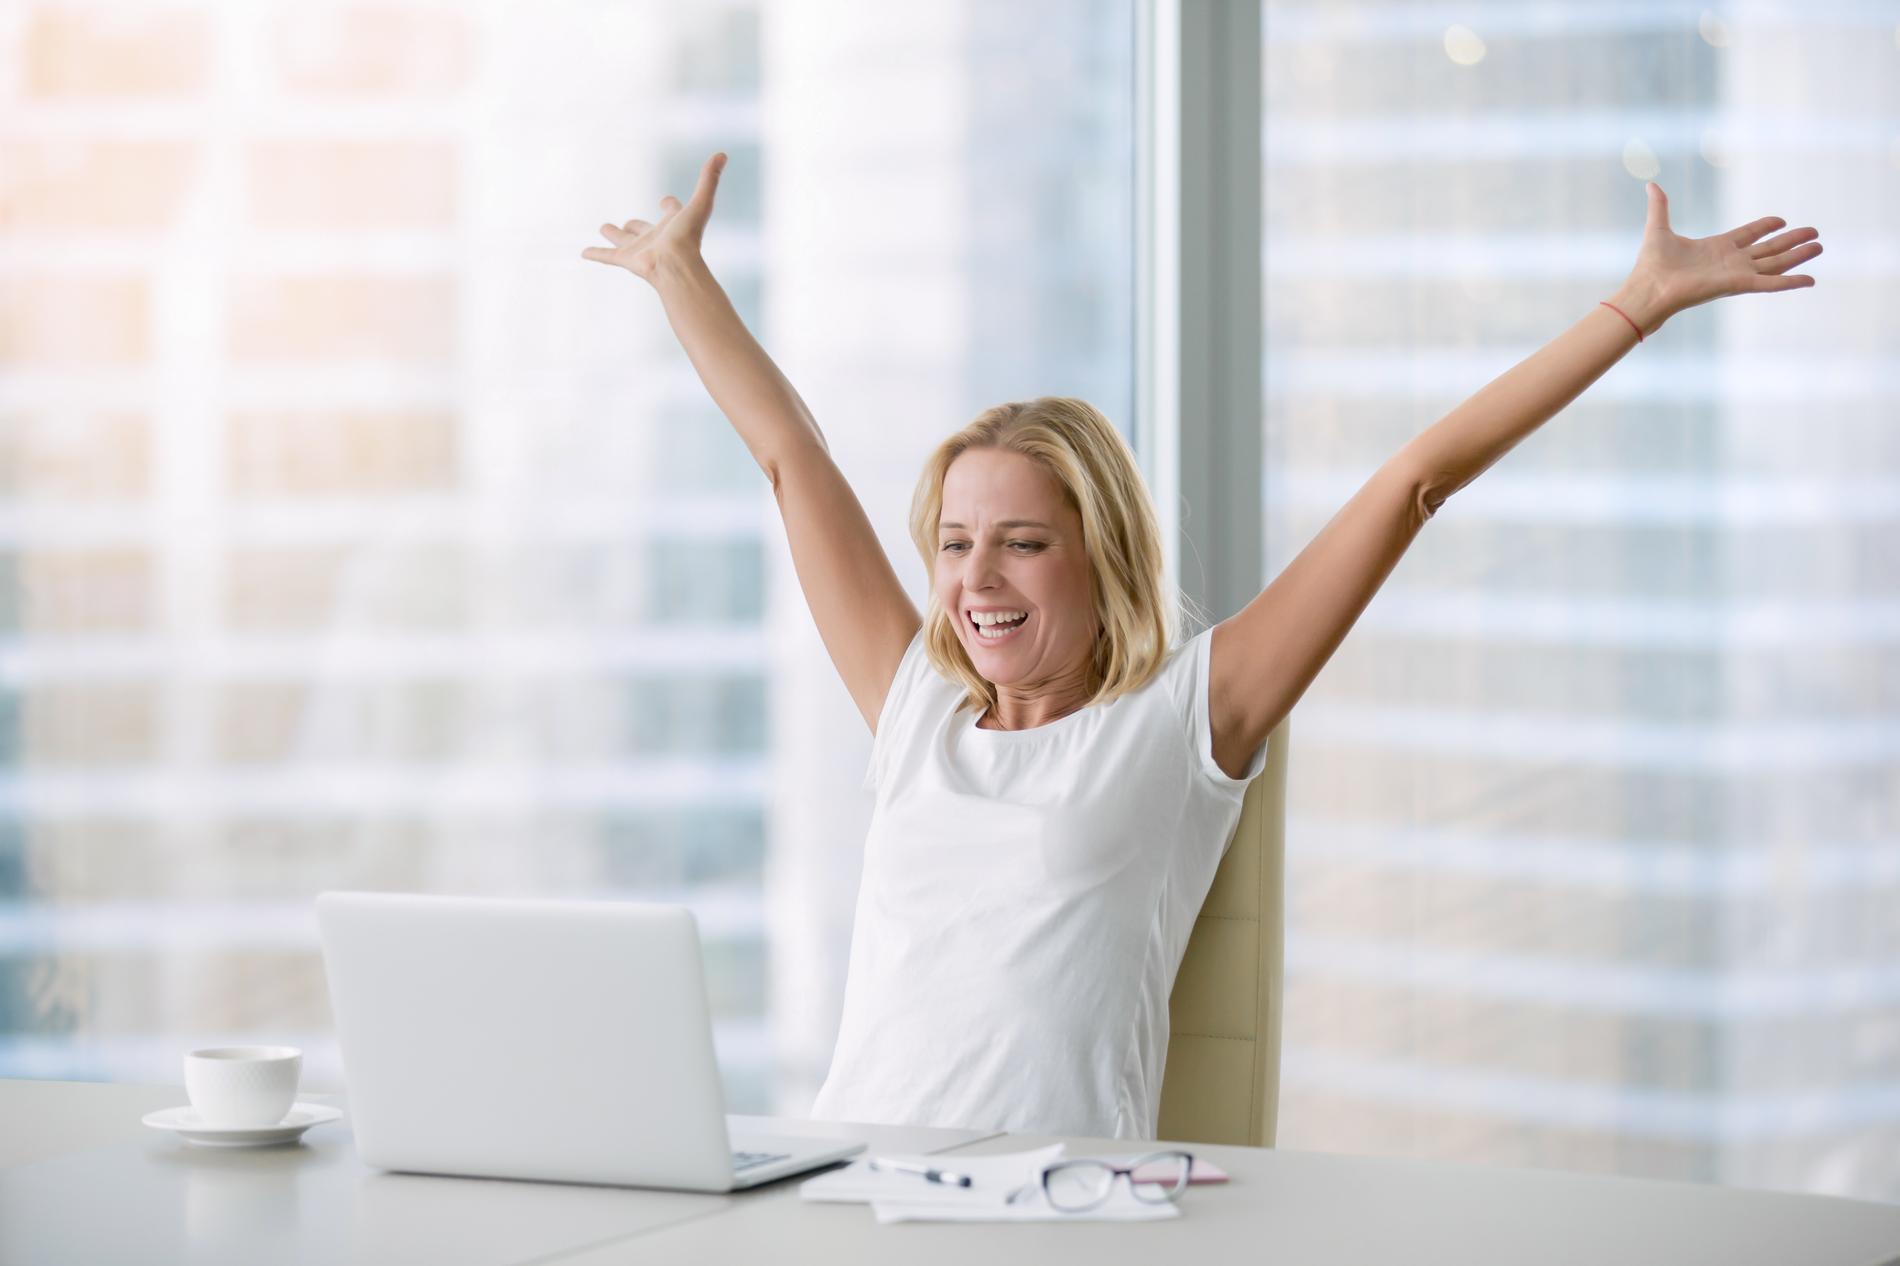 Les 9 entrepreneures françaises qui font rêver les femmes de 25-30 ... 669d63182e6